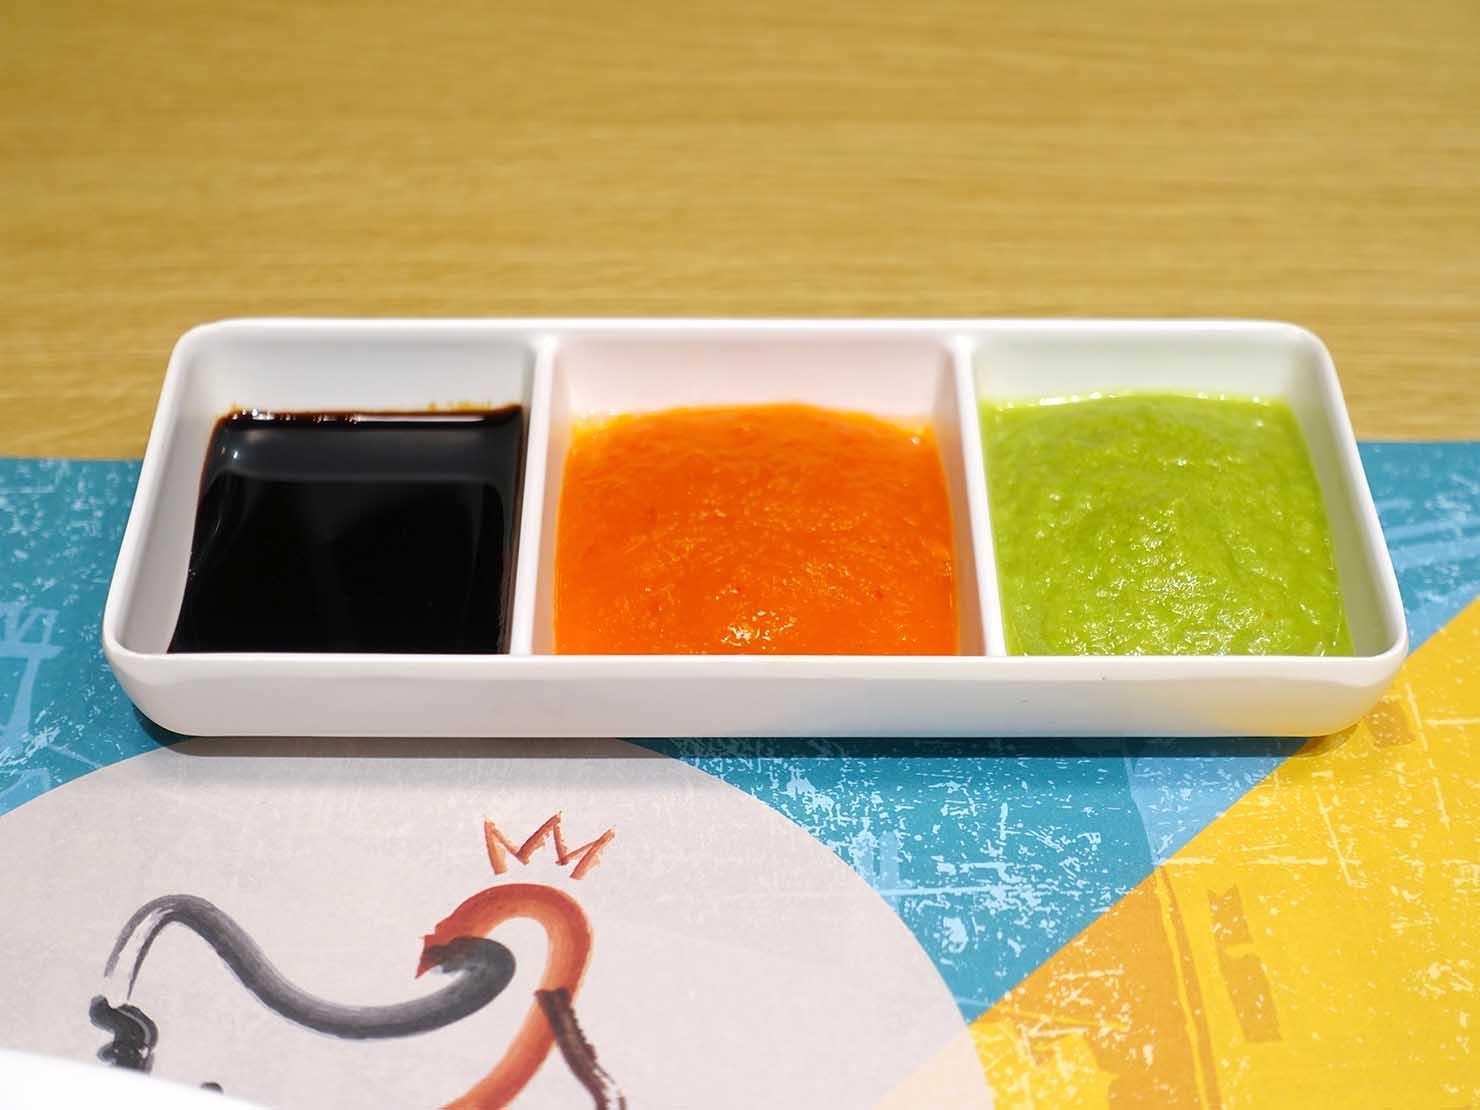 台北101エリア・市政府駅周辺のおすすめ台湾グルメ「瑞記海南雞飯」の海南雞飯(ハイナンチキンライス)3種のソース